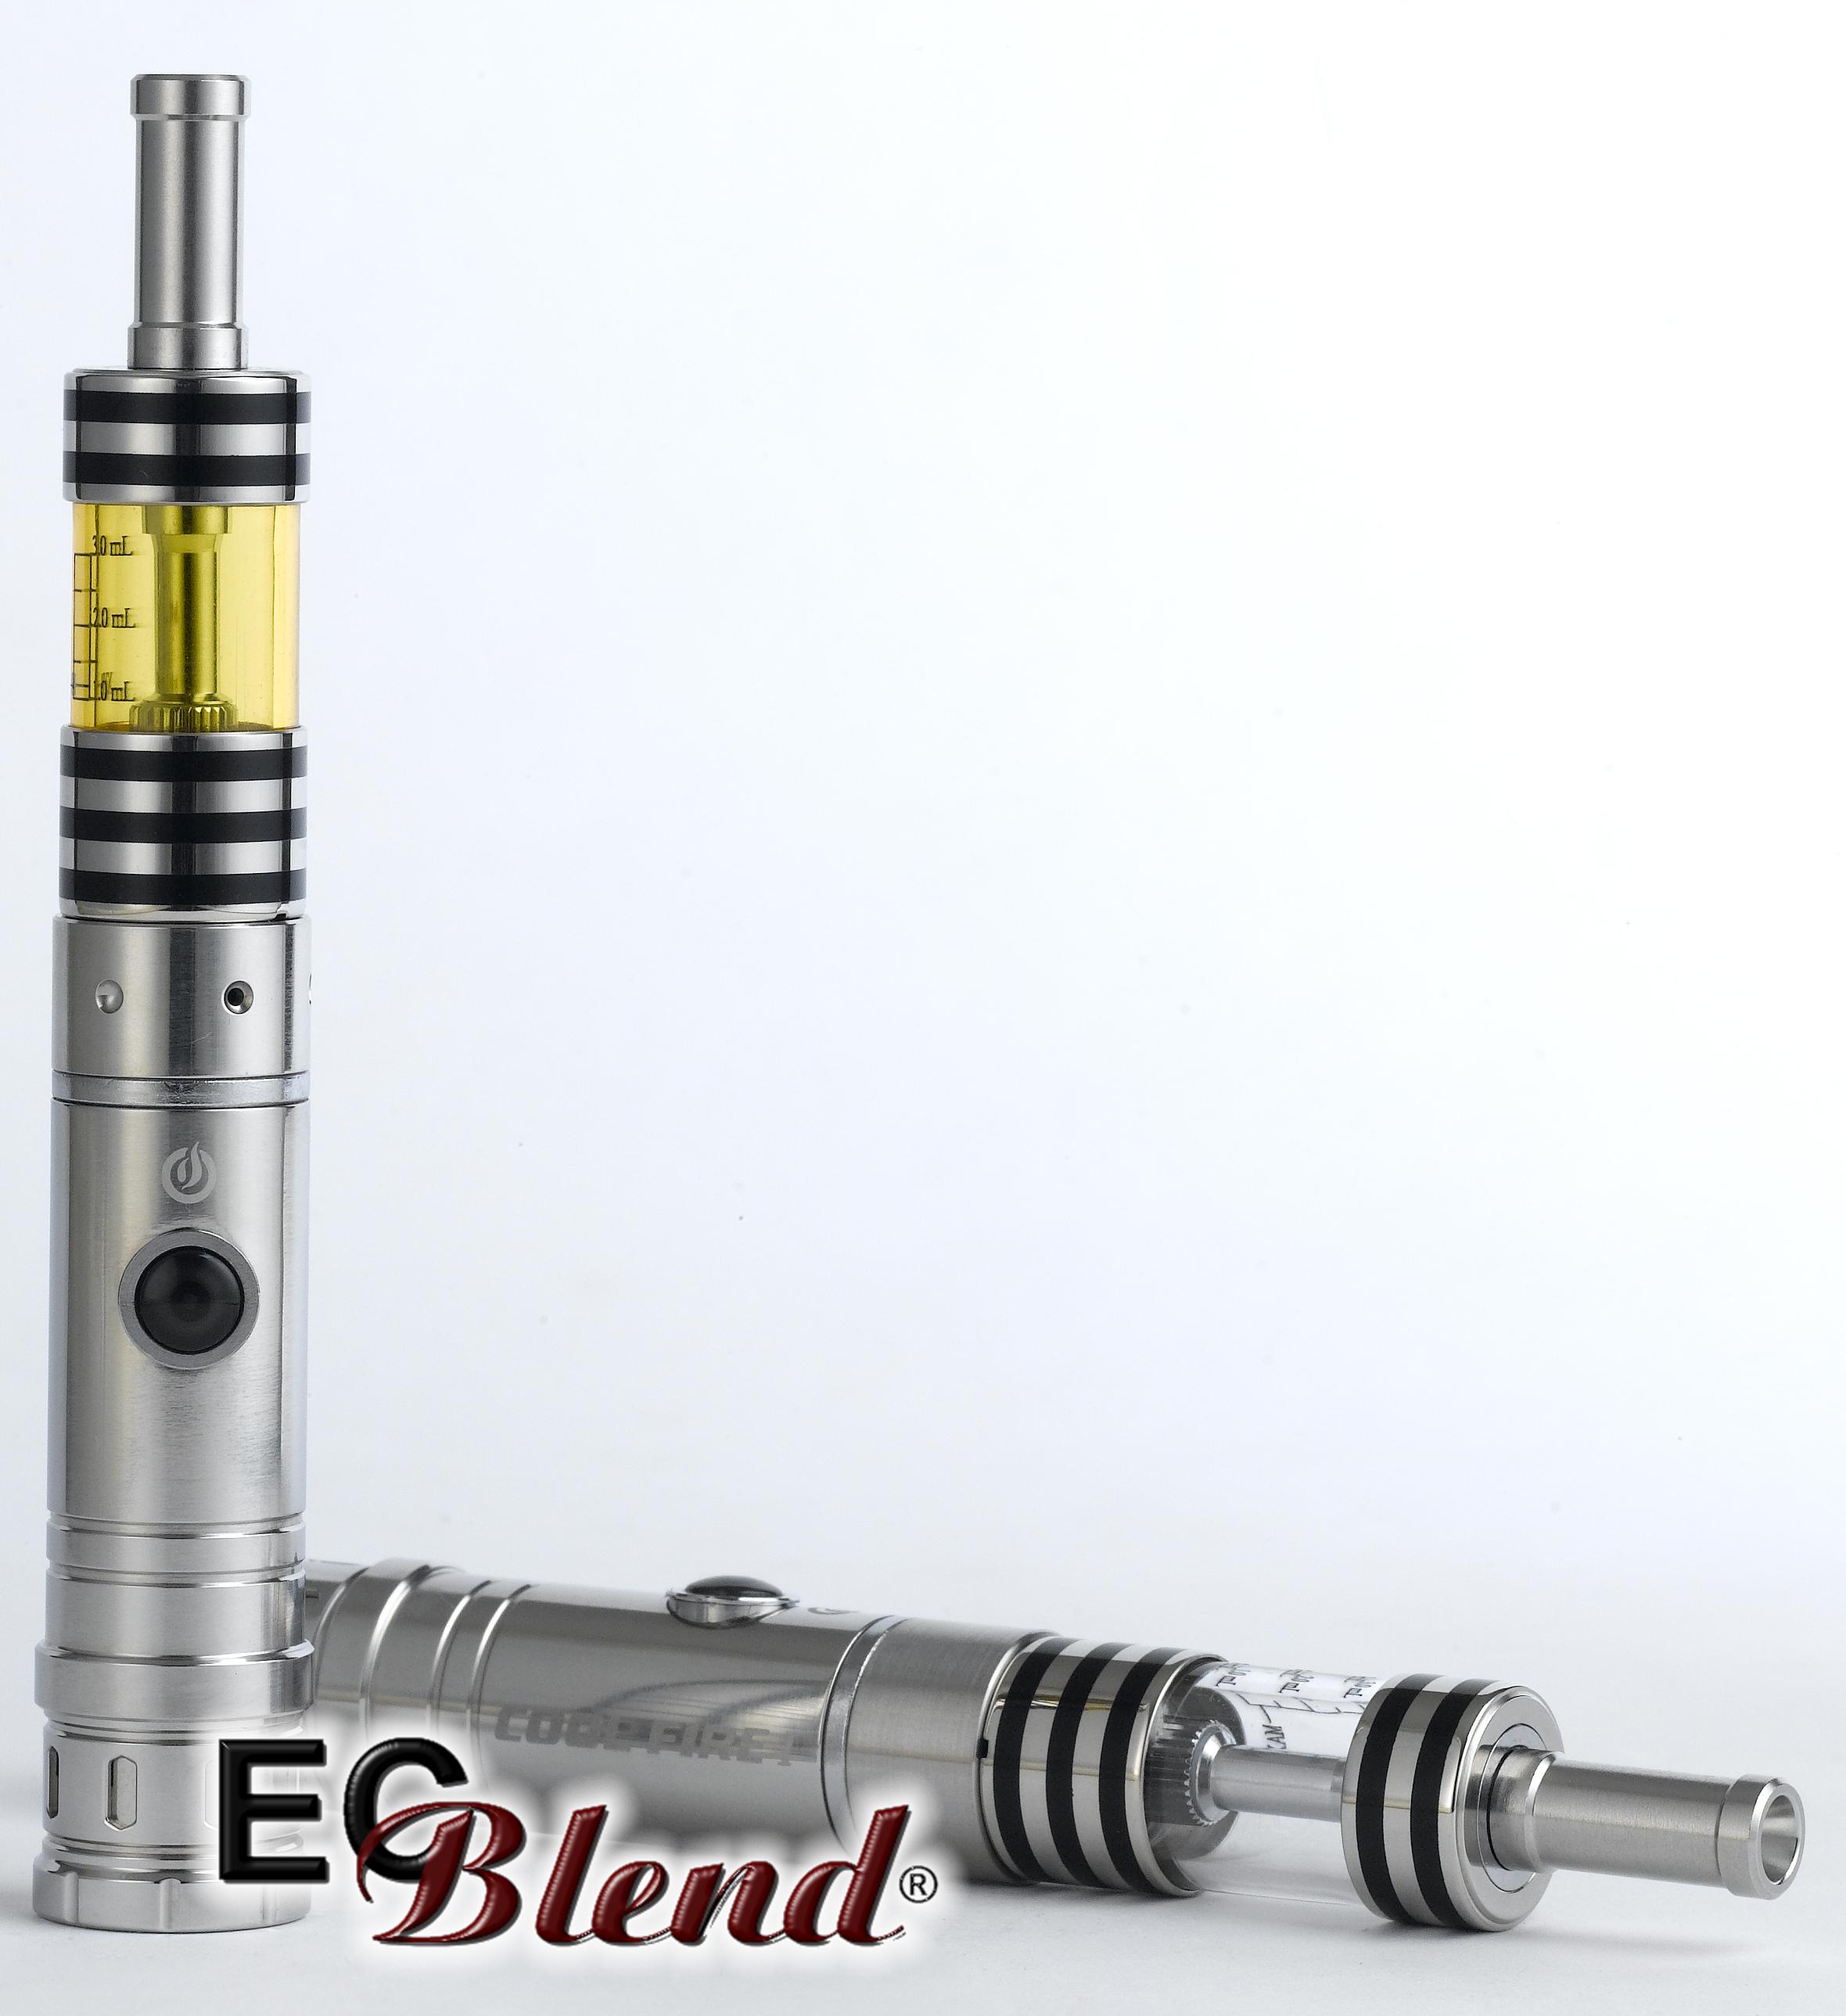 Personal Vaporizer E-Cig - Innokin - CoolFire I